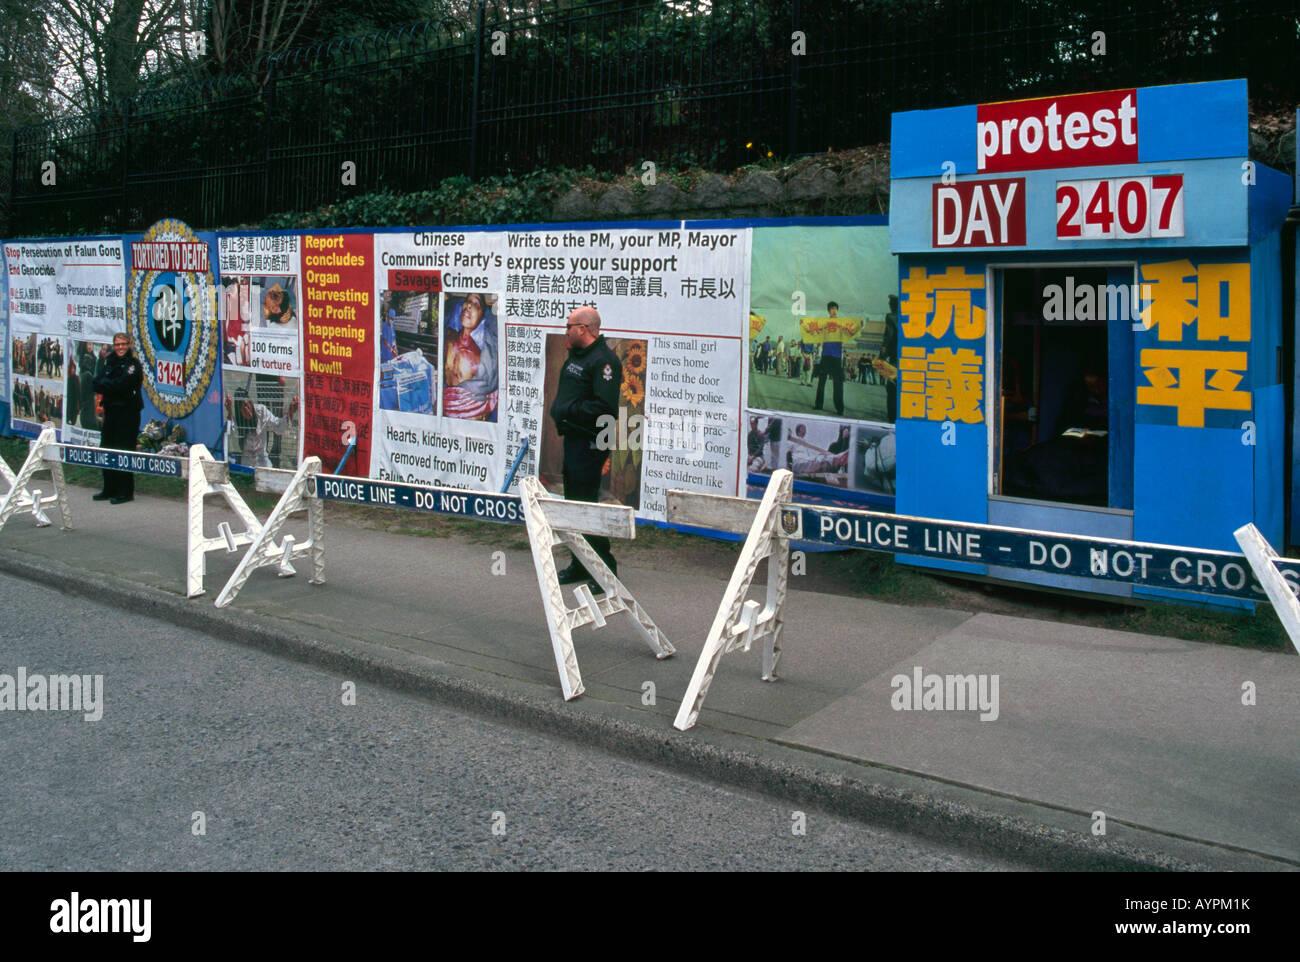 Falun Gong in segno di protesta contro la tortura e la raccolta di organi inviato al Consolato Cinese in Vancouver Immagini Stock